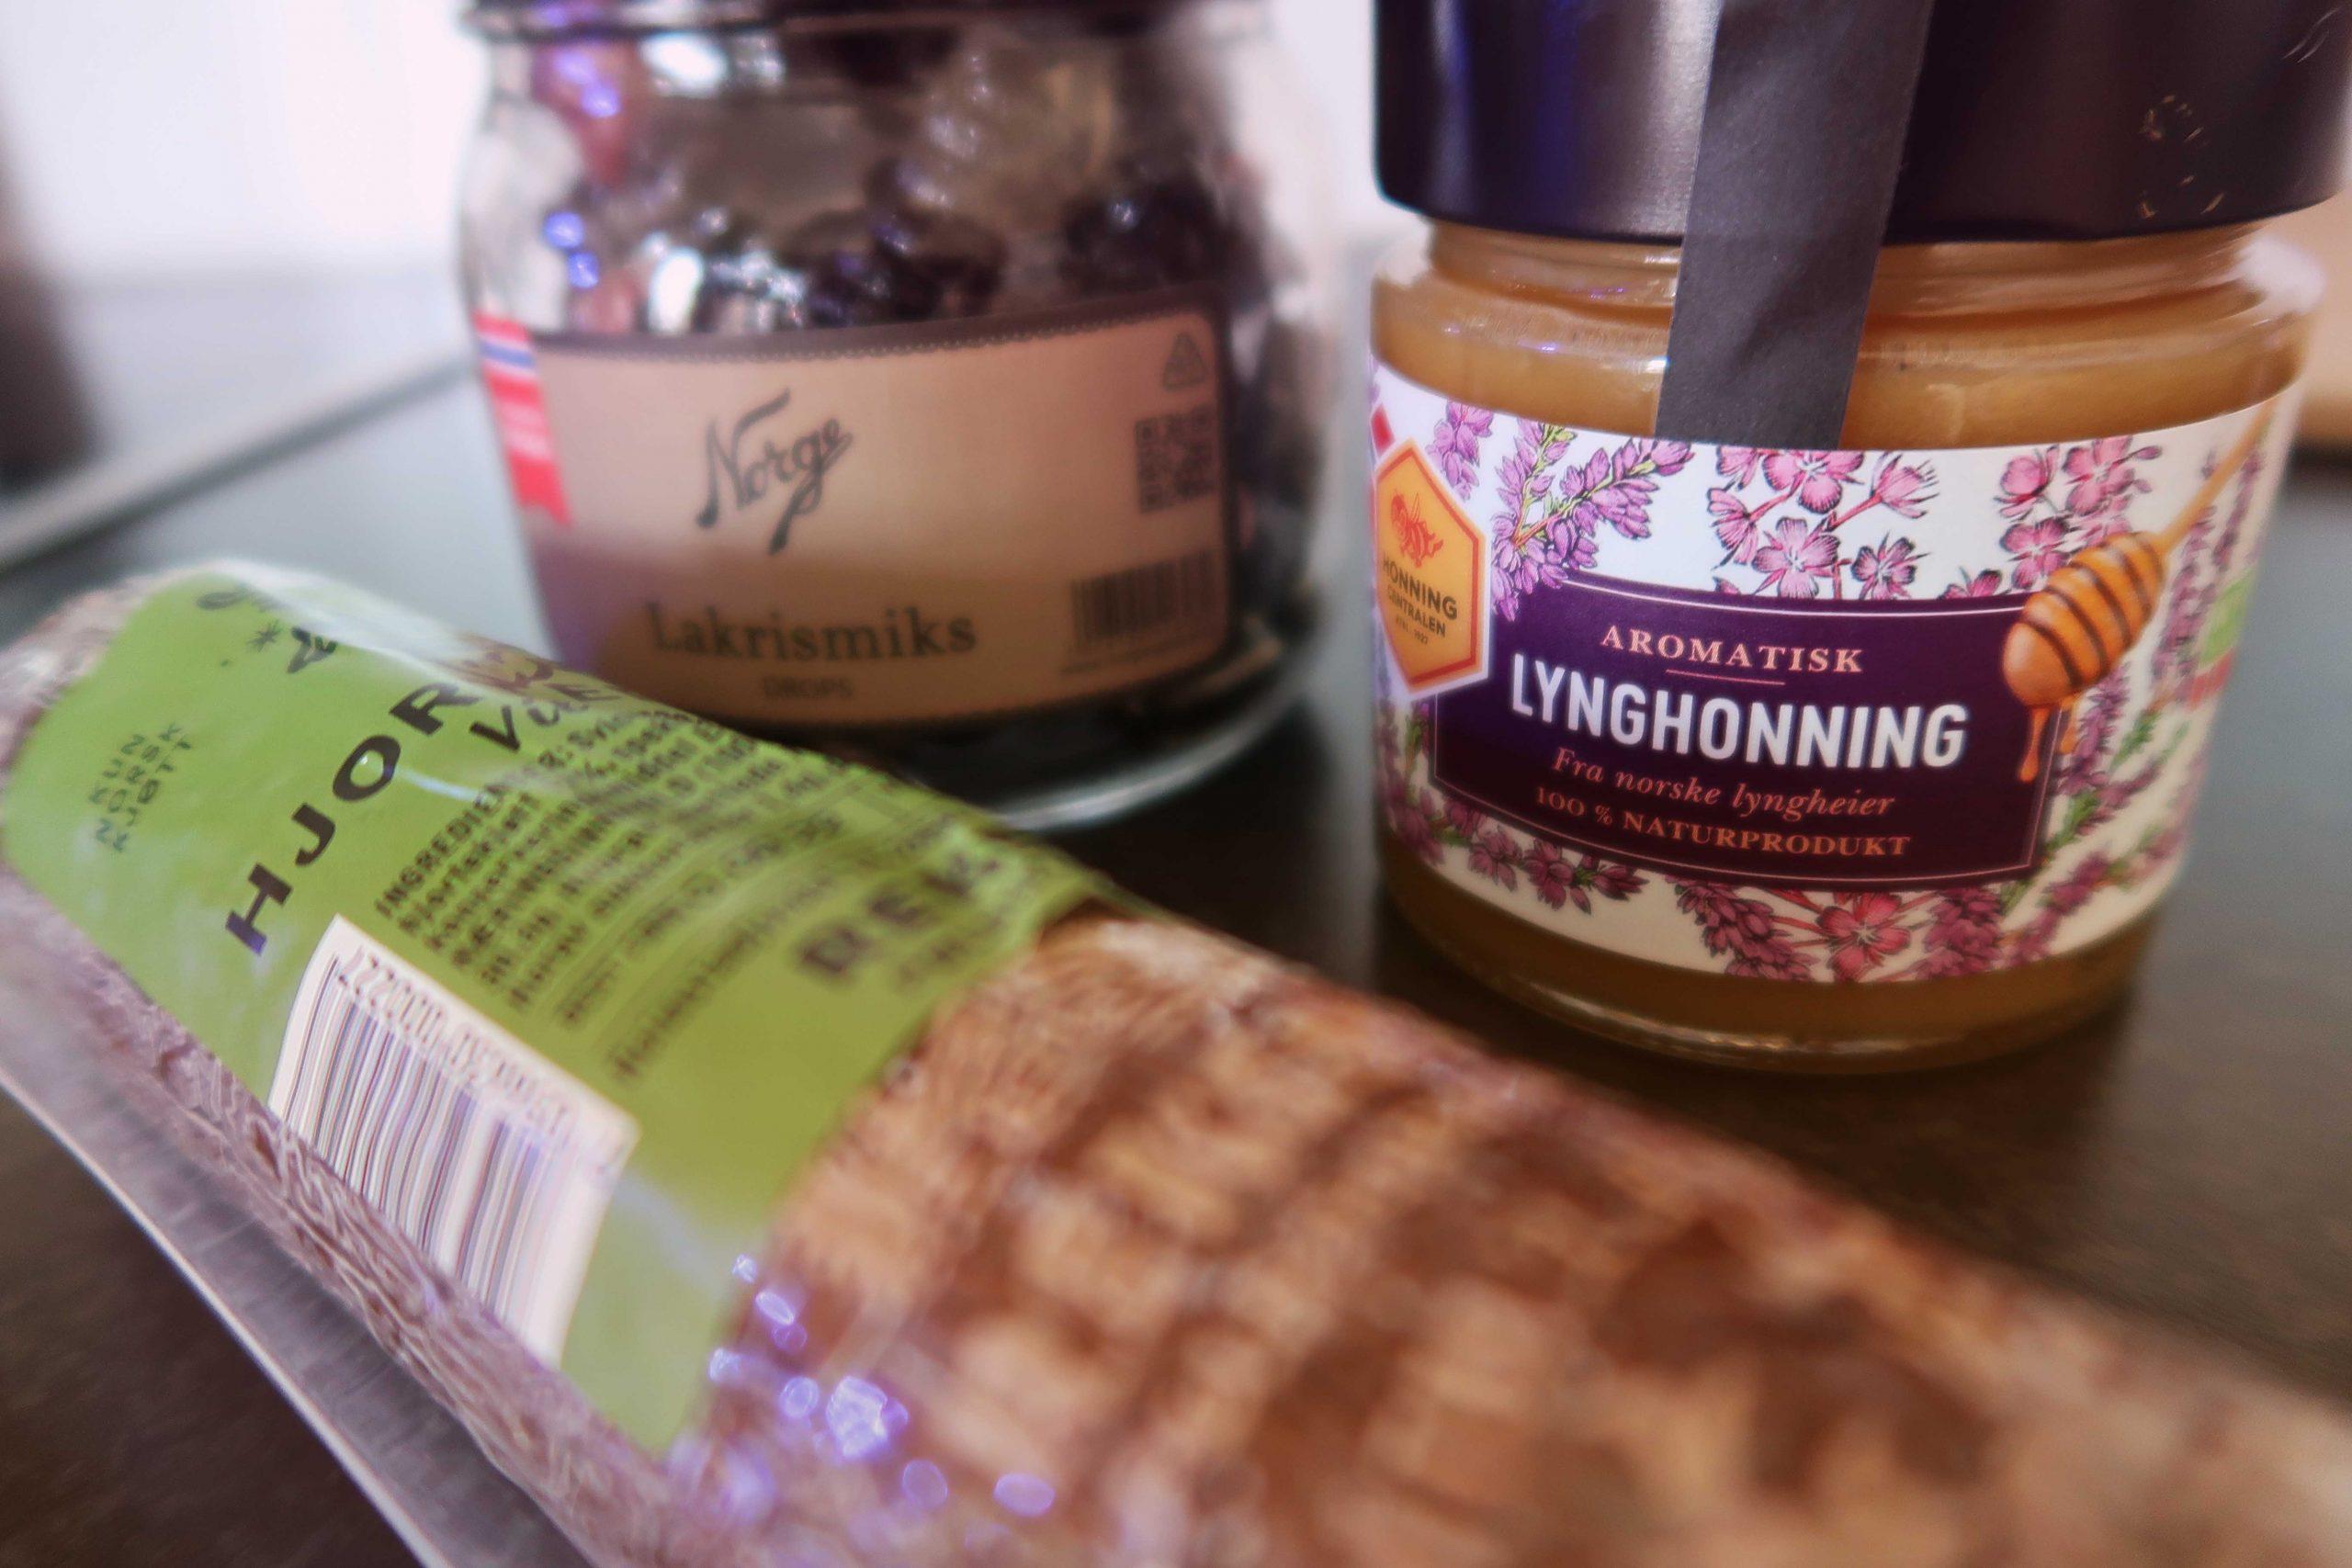 Lakritskarameller, honung med smak av ljung och en viltkorv fick hänga med hem.